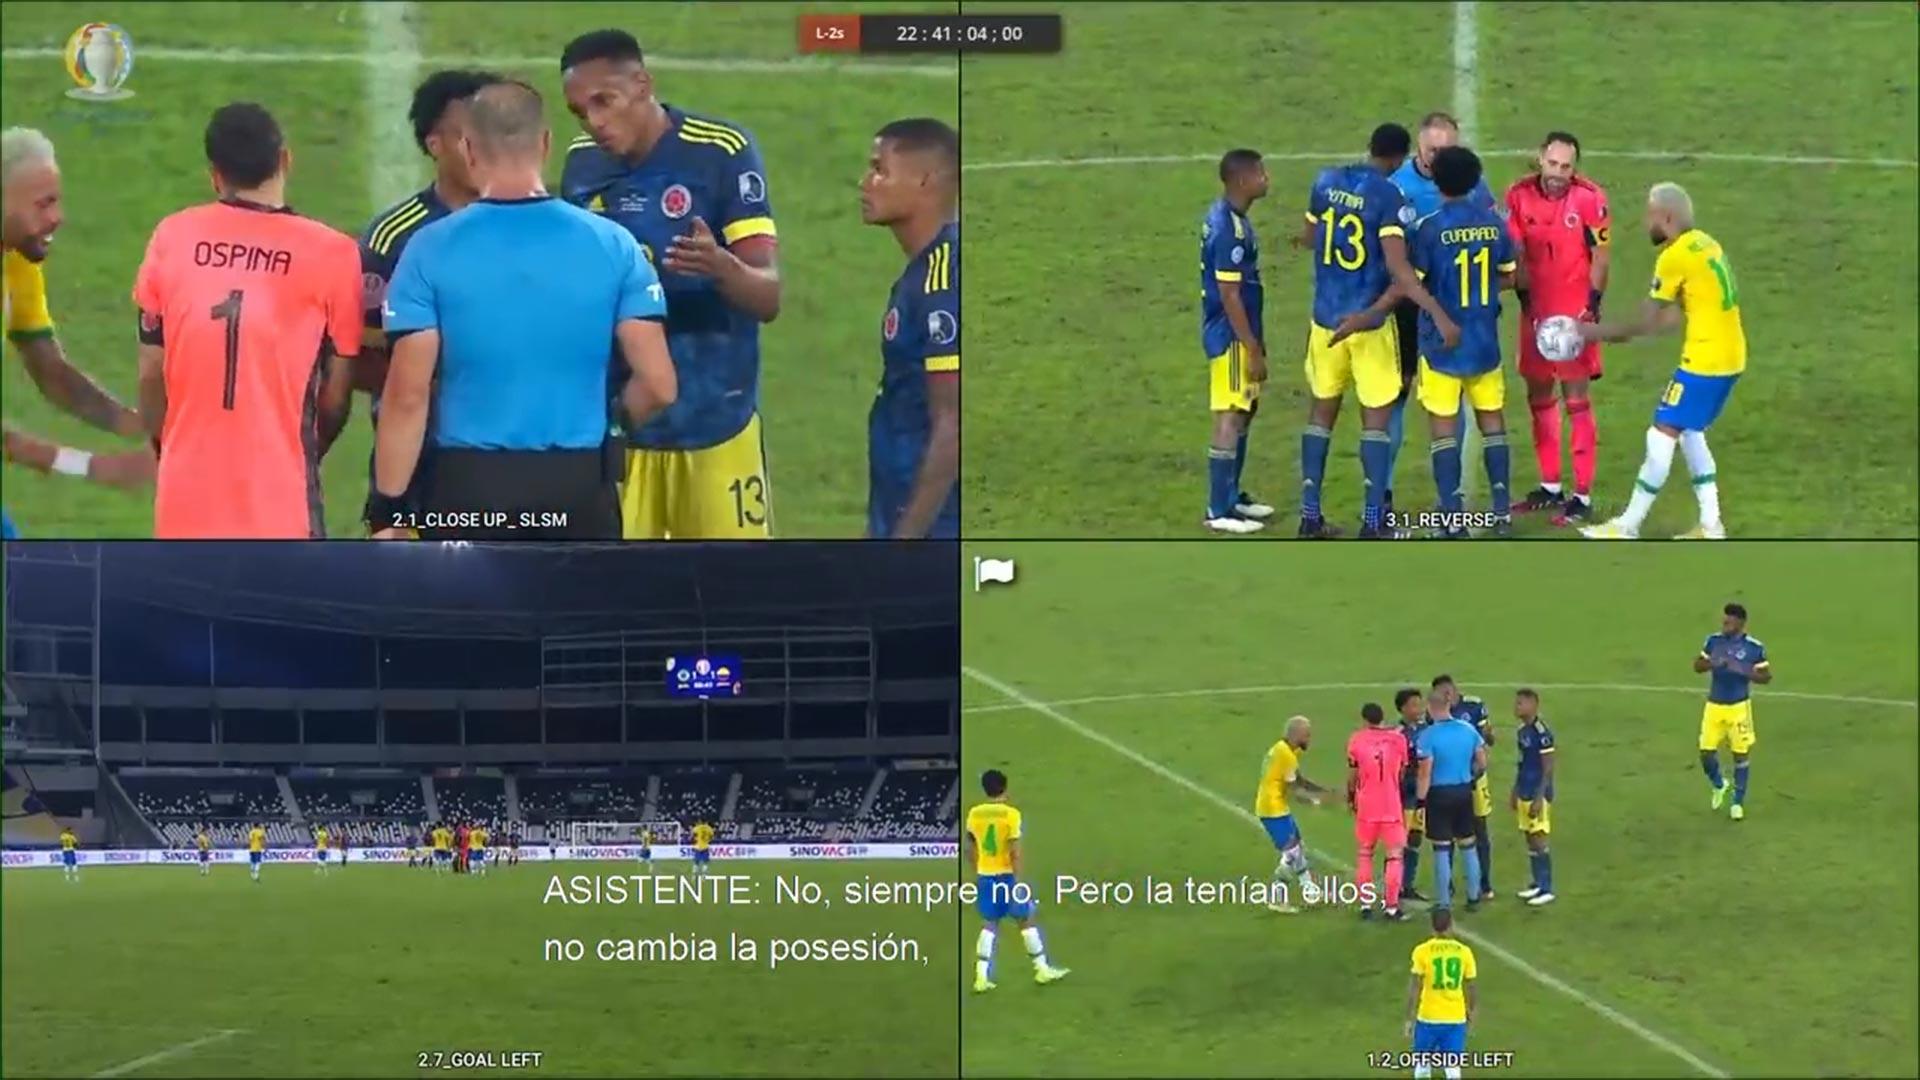 VIDEO: El audio del VAR en la polémica jugada del empate de Brasil ante Colombia